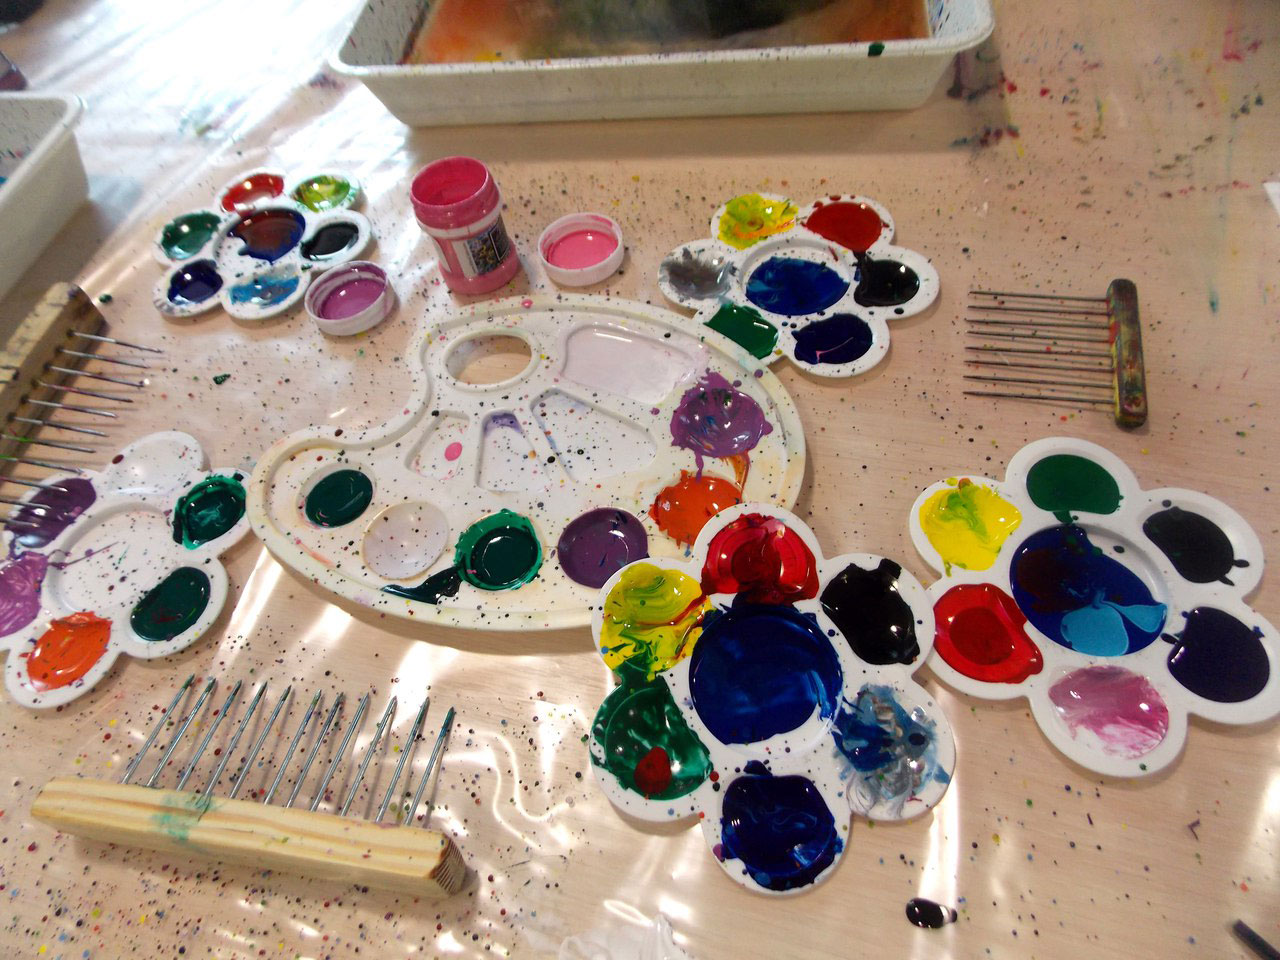 Все материалы для живописи предоставляет студия